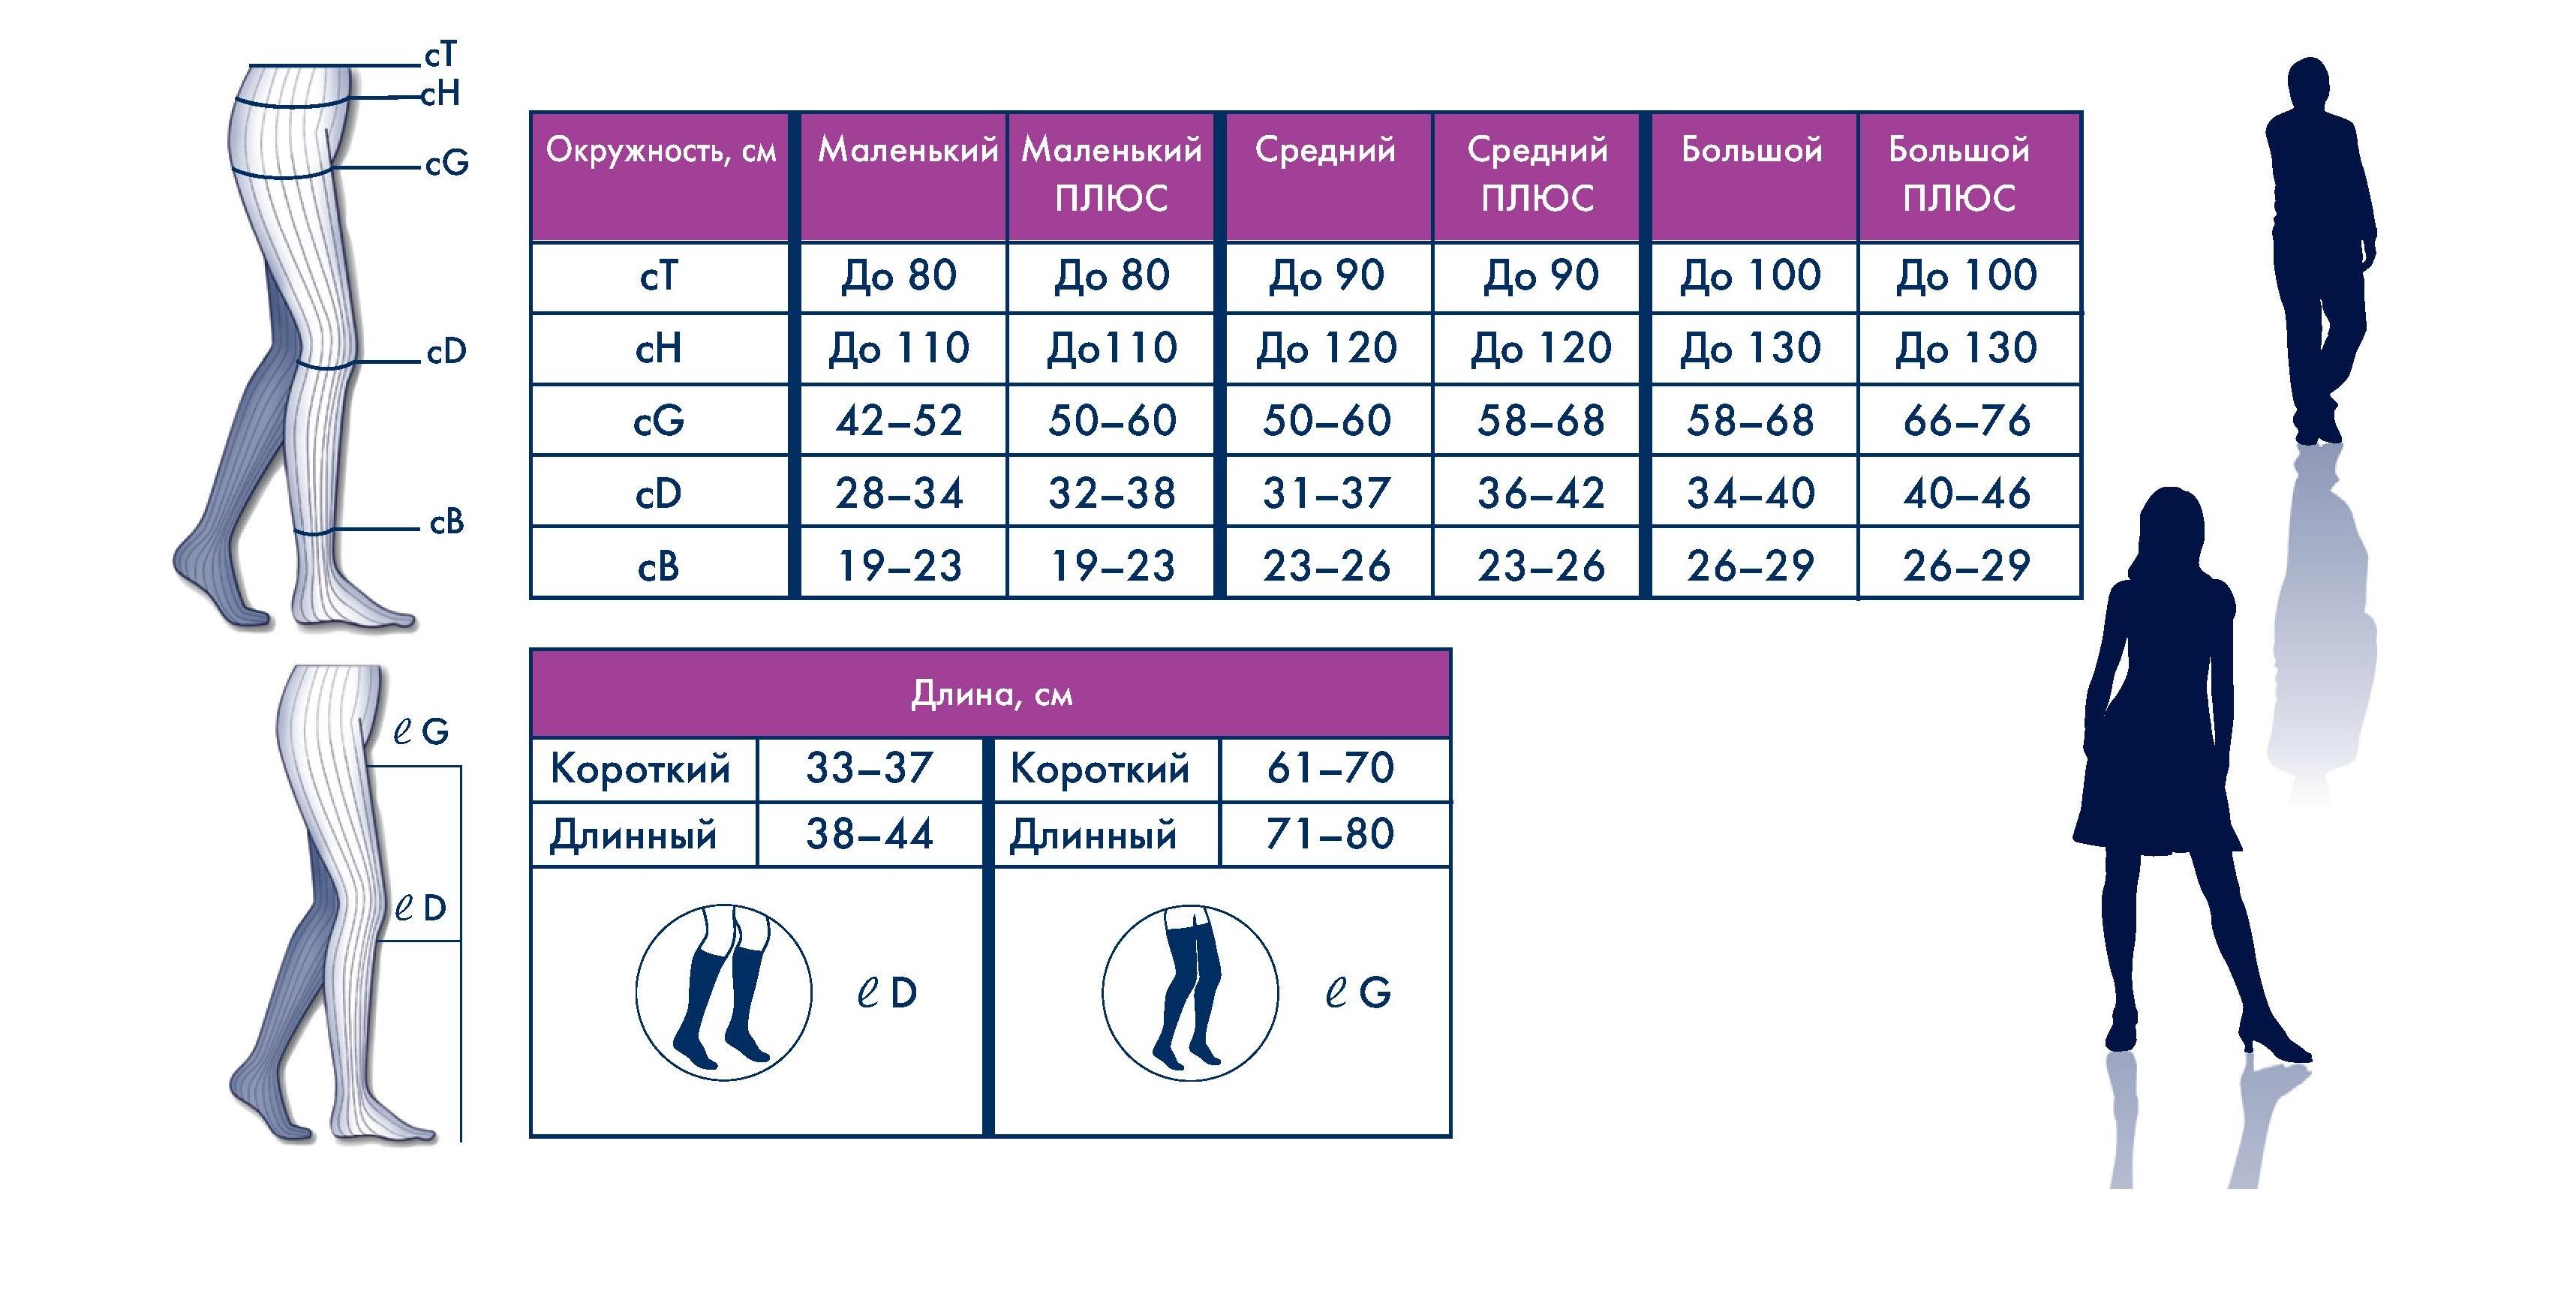 Схема подбора размера компрессионных изделий Top Fine Select